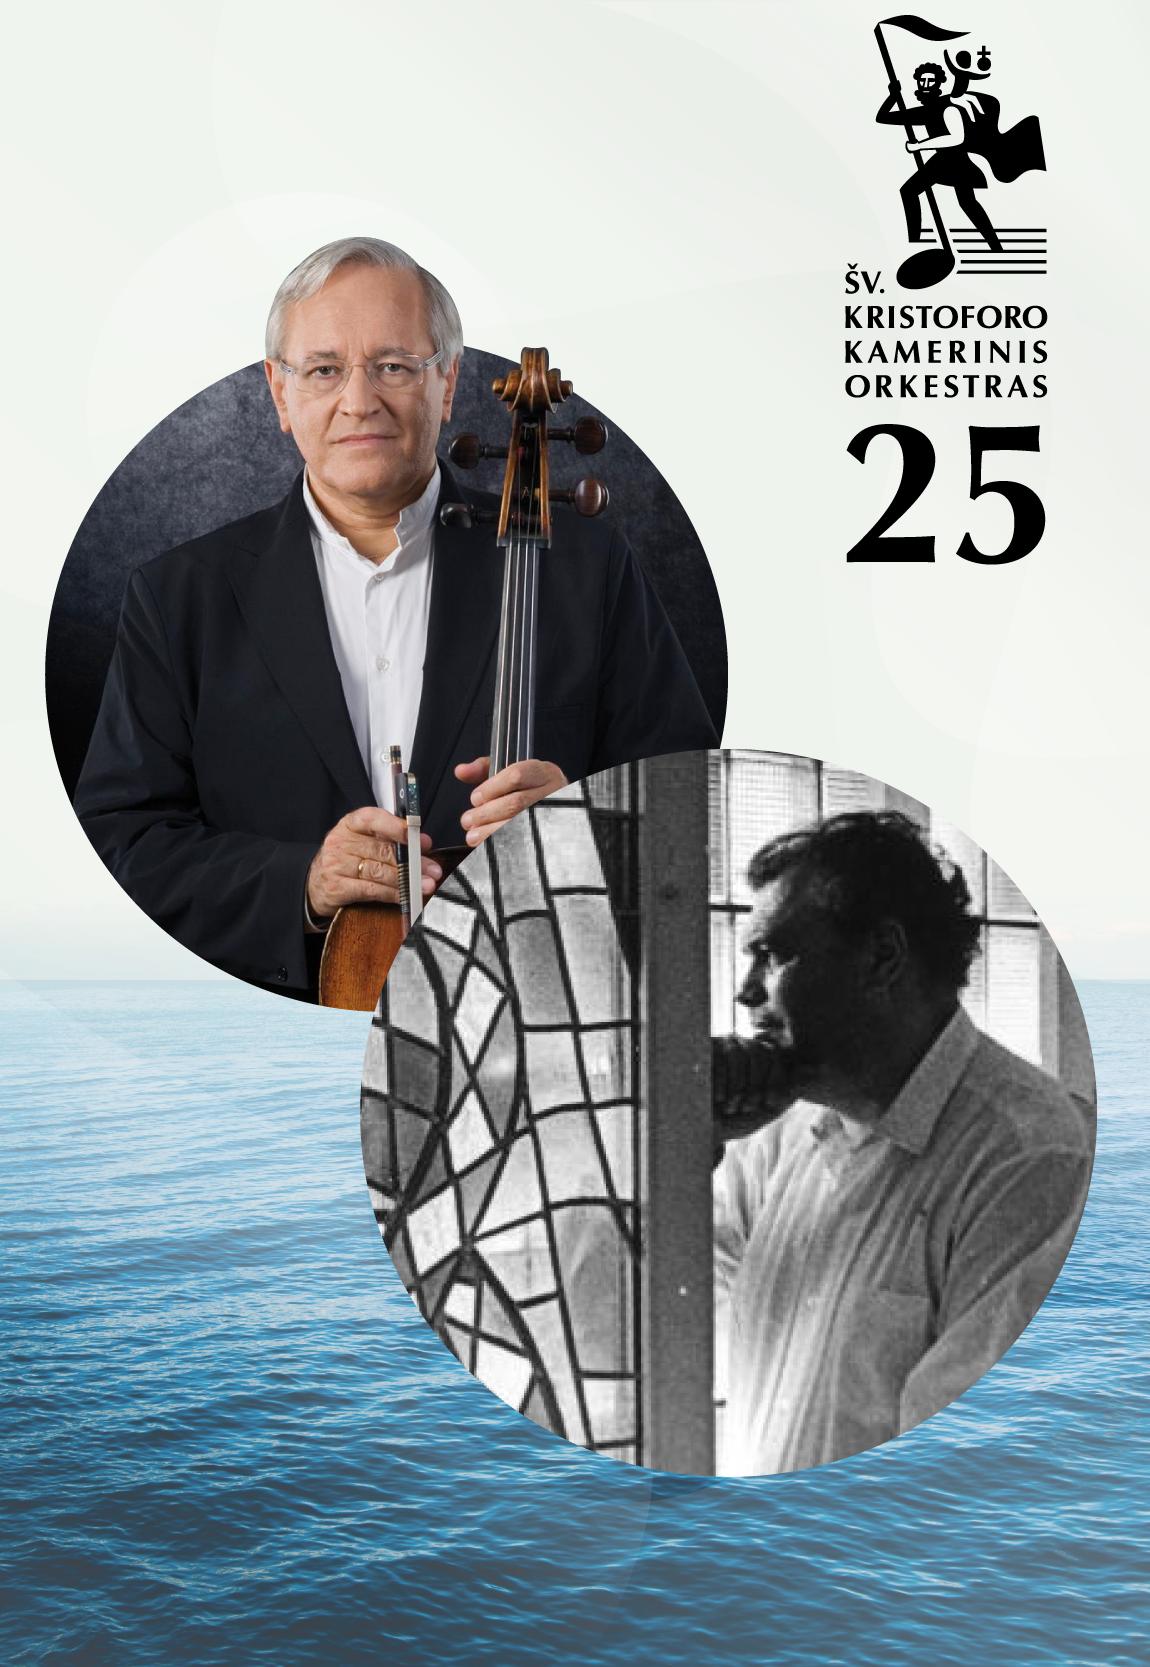 EDUARDO BALSIO GALA KONCERTAS